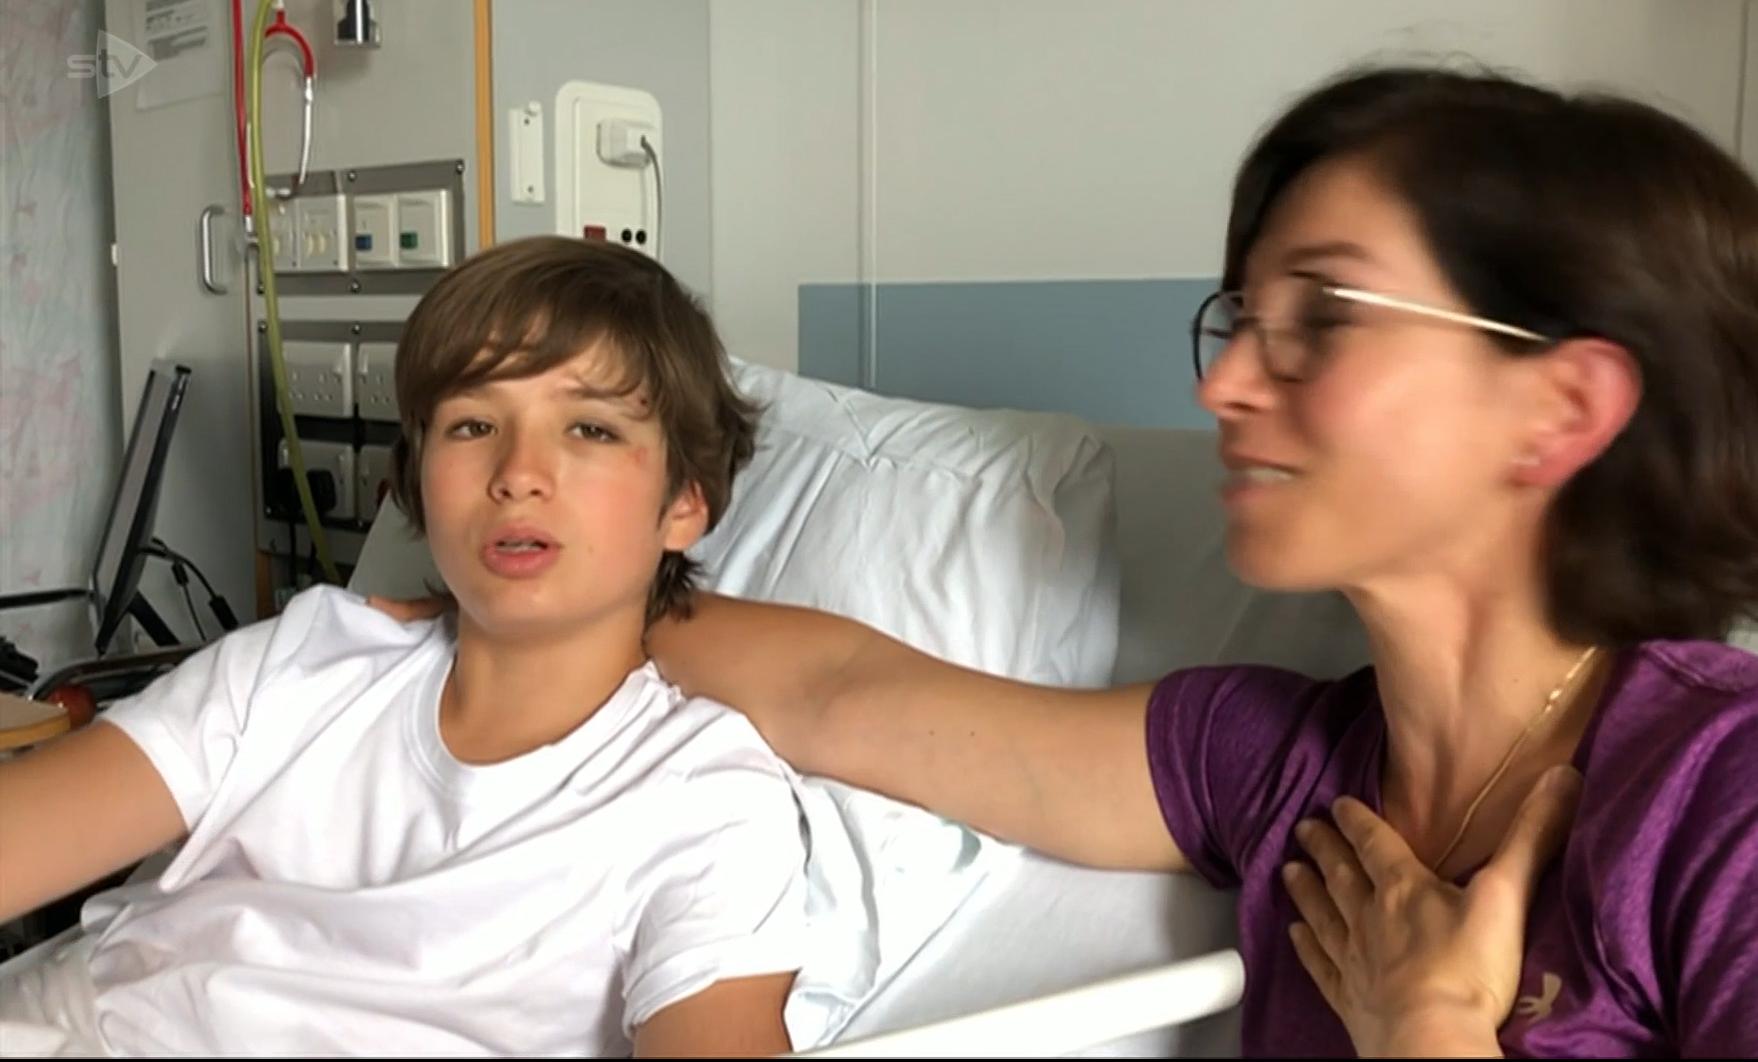 Arthur Borgogno in hospital